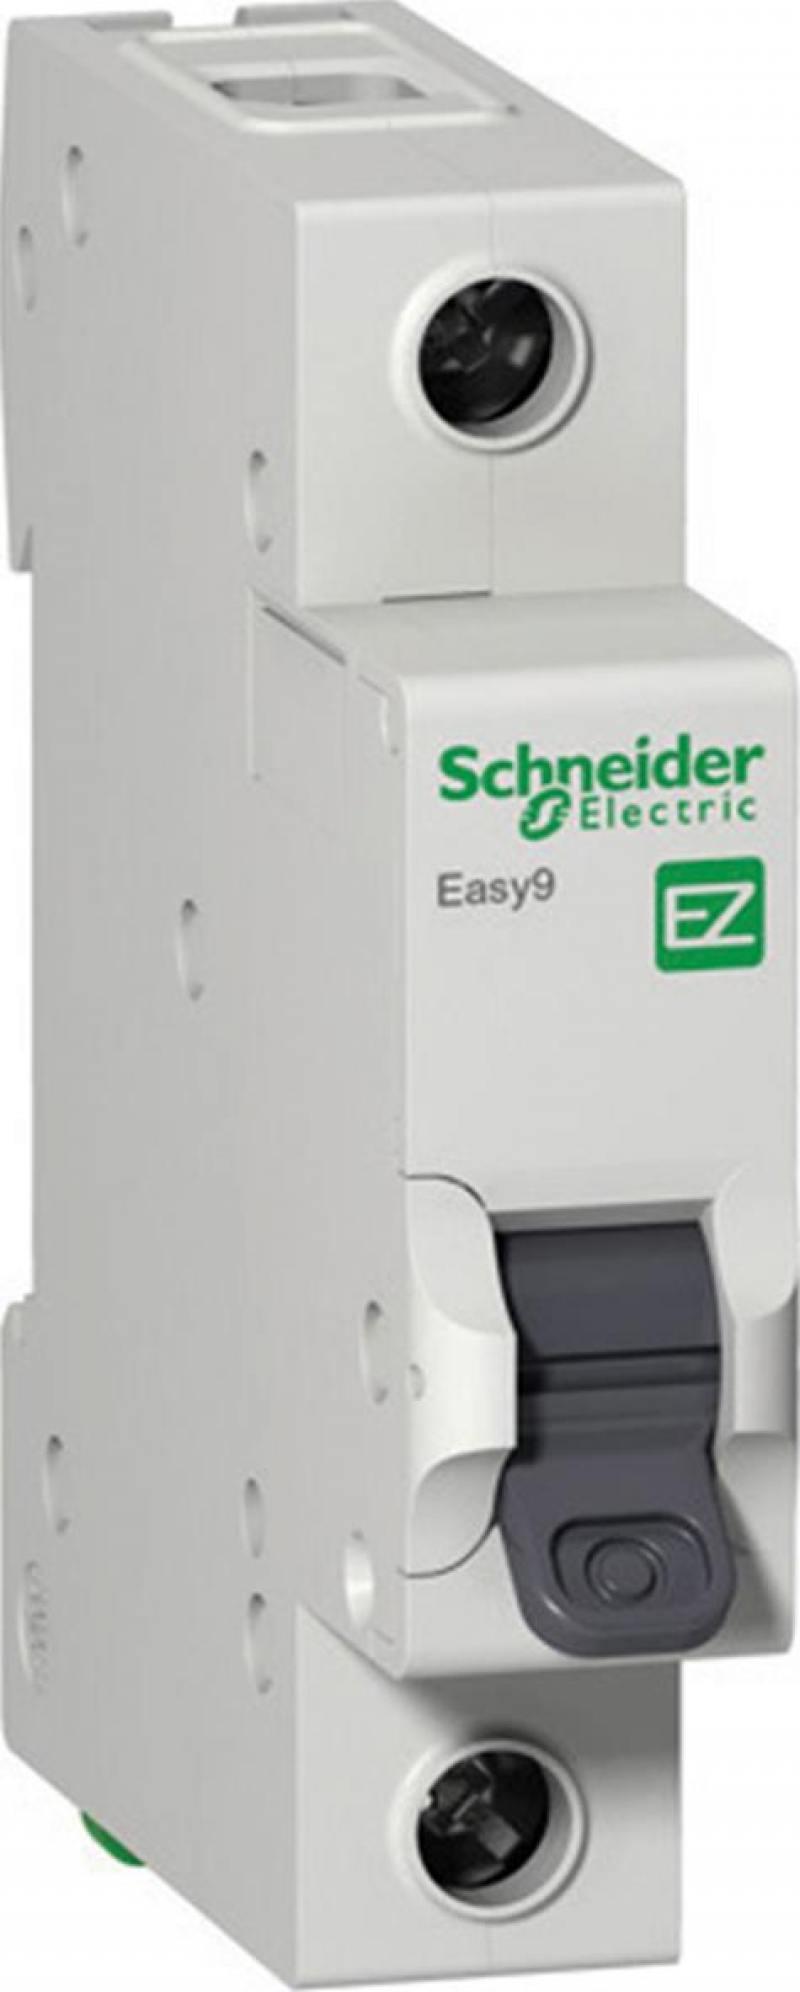 Автоматический выключатель Schneider Electric EASY 9 1П 40A C EZ9F34140 автоматический выключатель schneider electric easy 9 3п 40a c ez9f34340